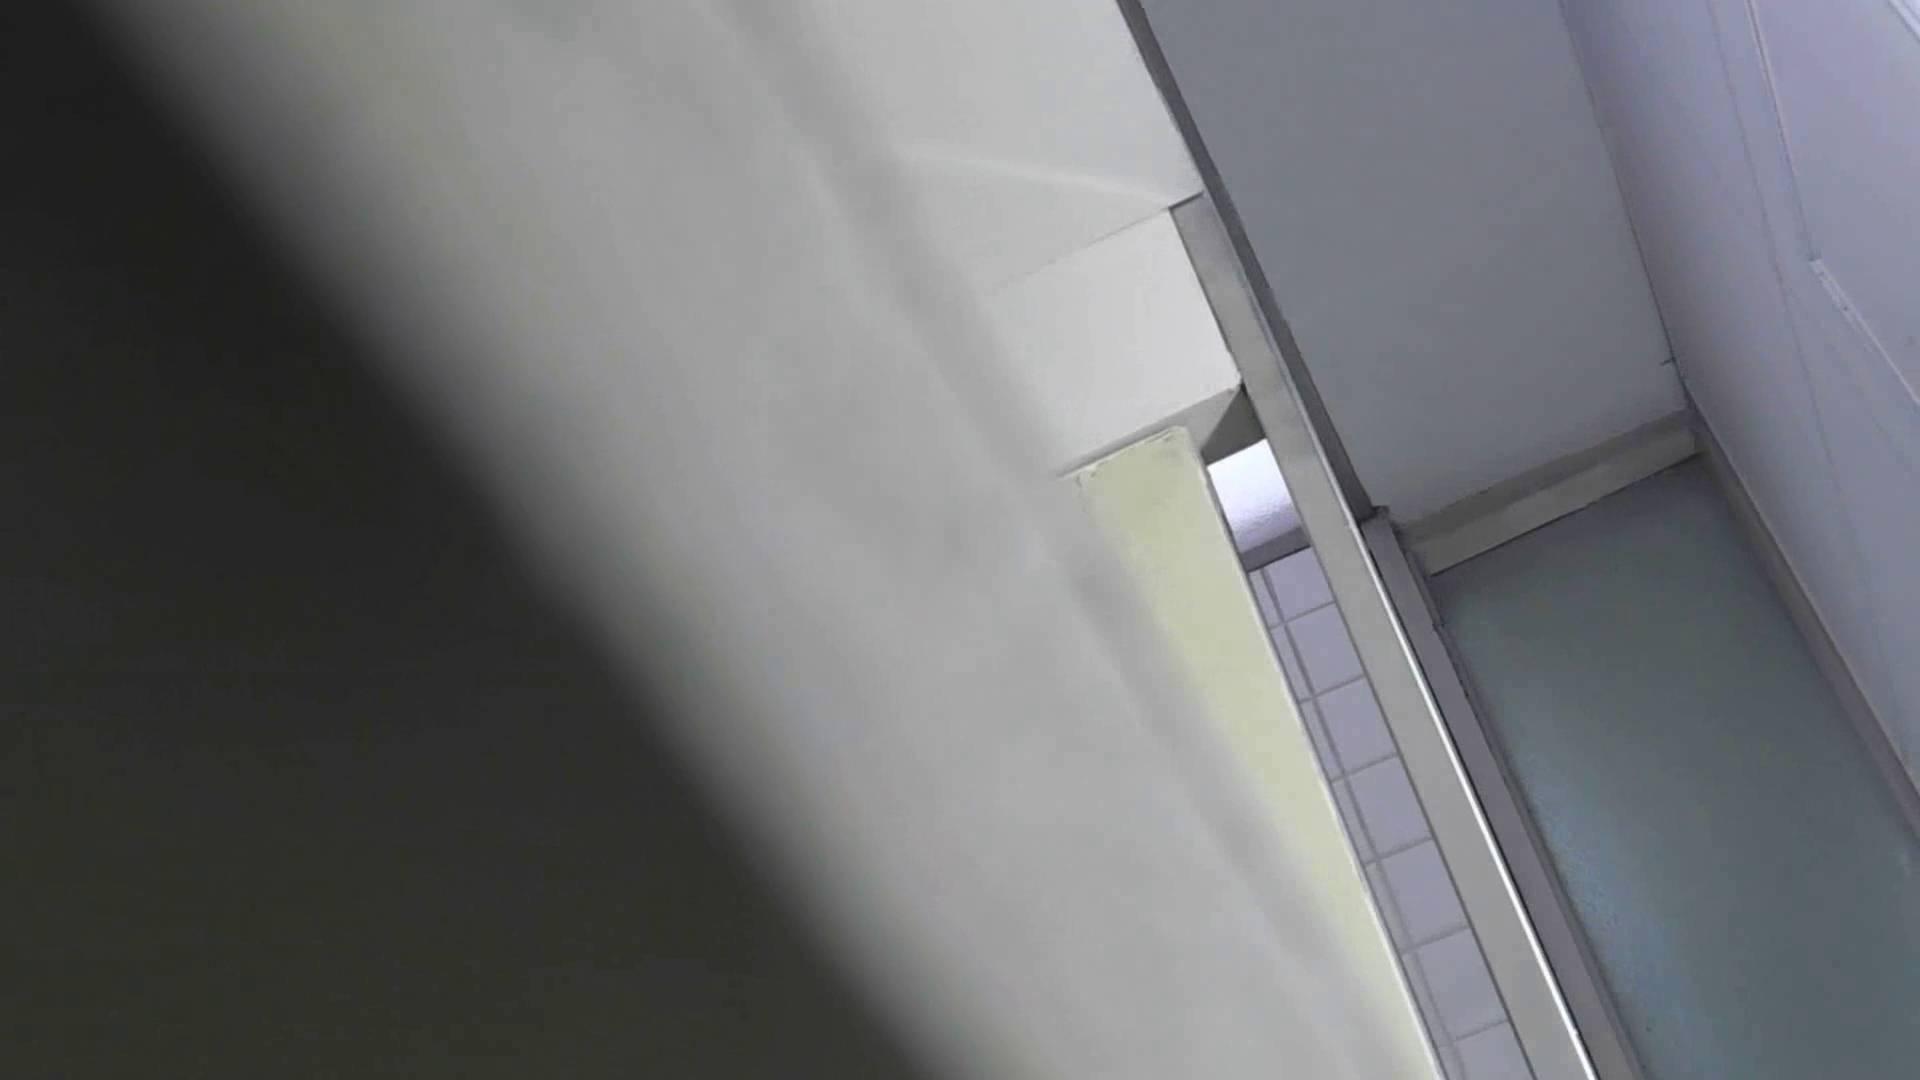 【美しき個室な世界】 vol.018 ピンクのおネエタン OLの実態  52pic 30